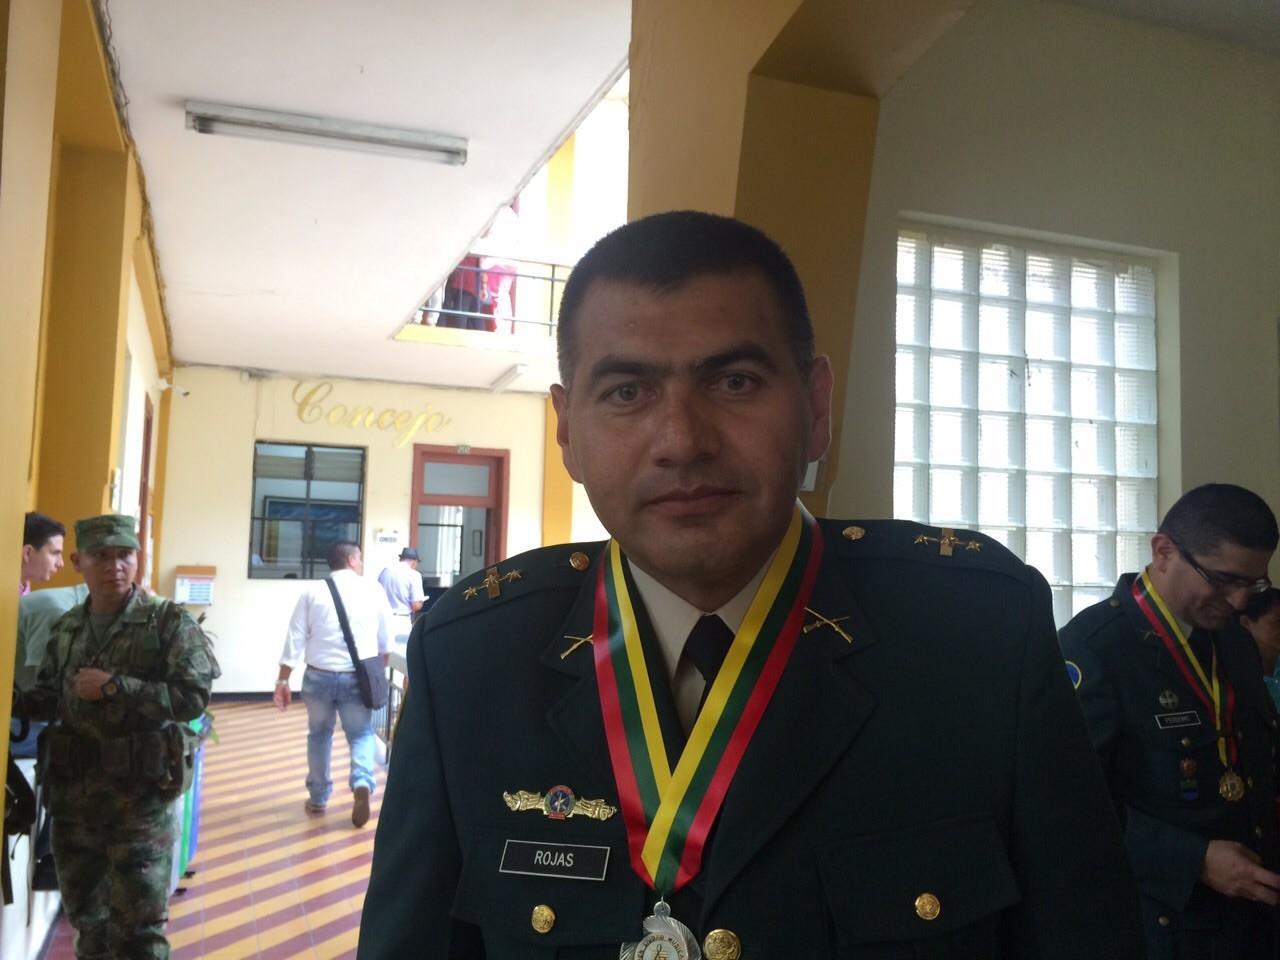 Militares dicen que hay combates fuertes en el sur del Tolima, no hay cese de hostilidades por parte de las Farc